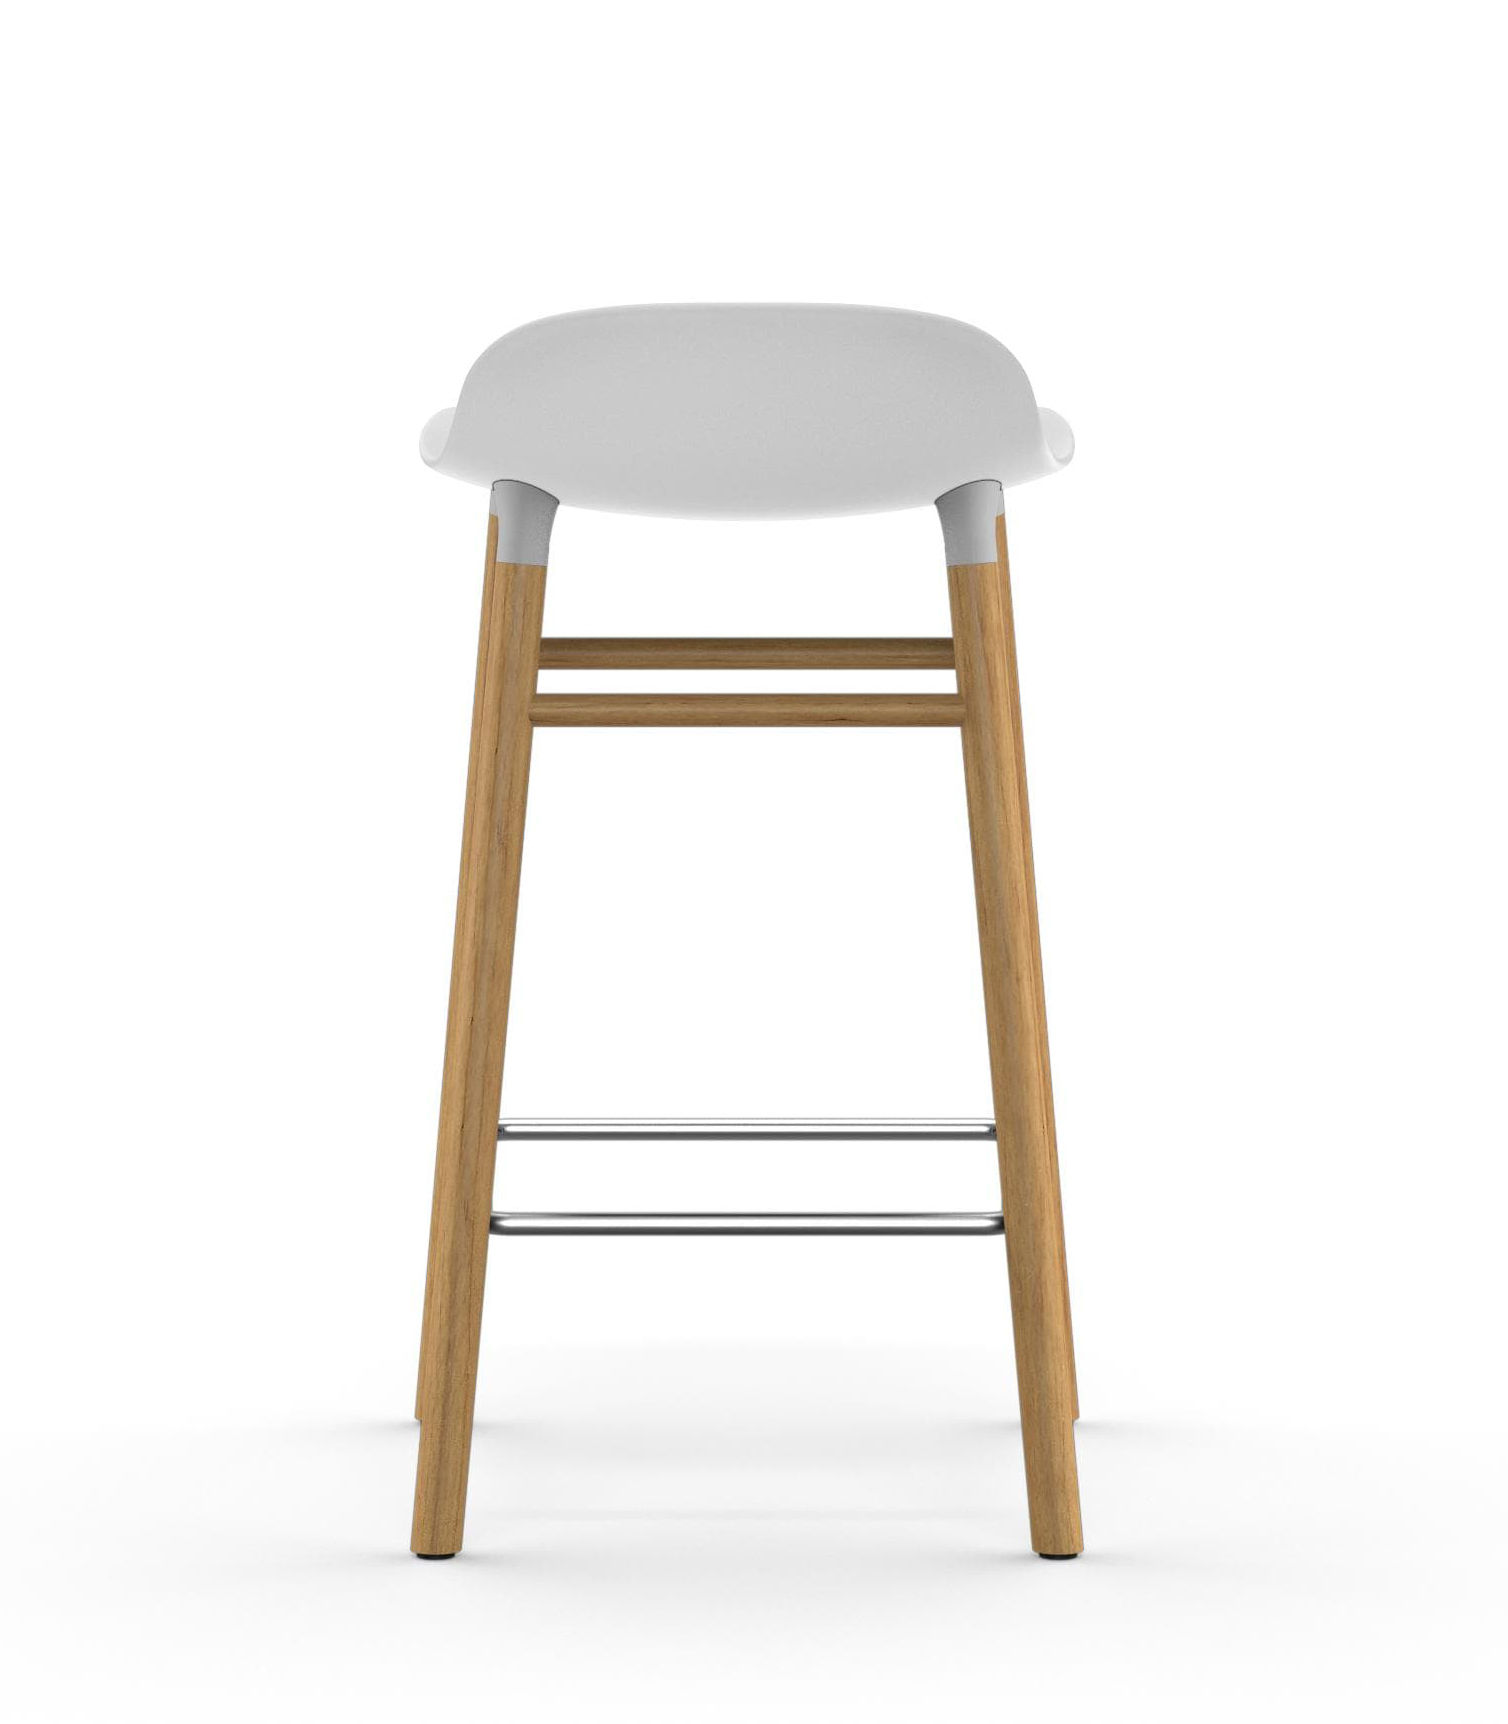 form barhocker h 65 cm stuhlbeine eiche wei eiche by normann copenhagen made in design. Black Bedroom Furniture Sets. Home Design Ideas